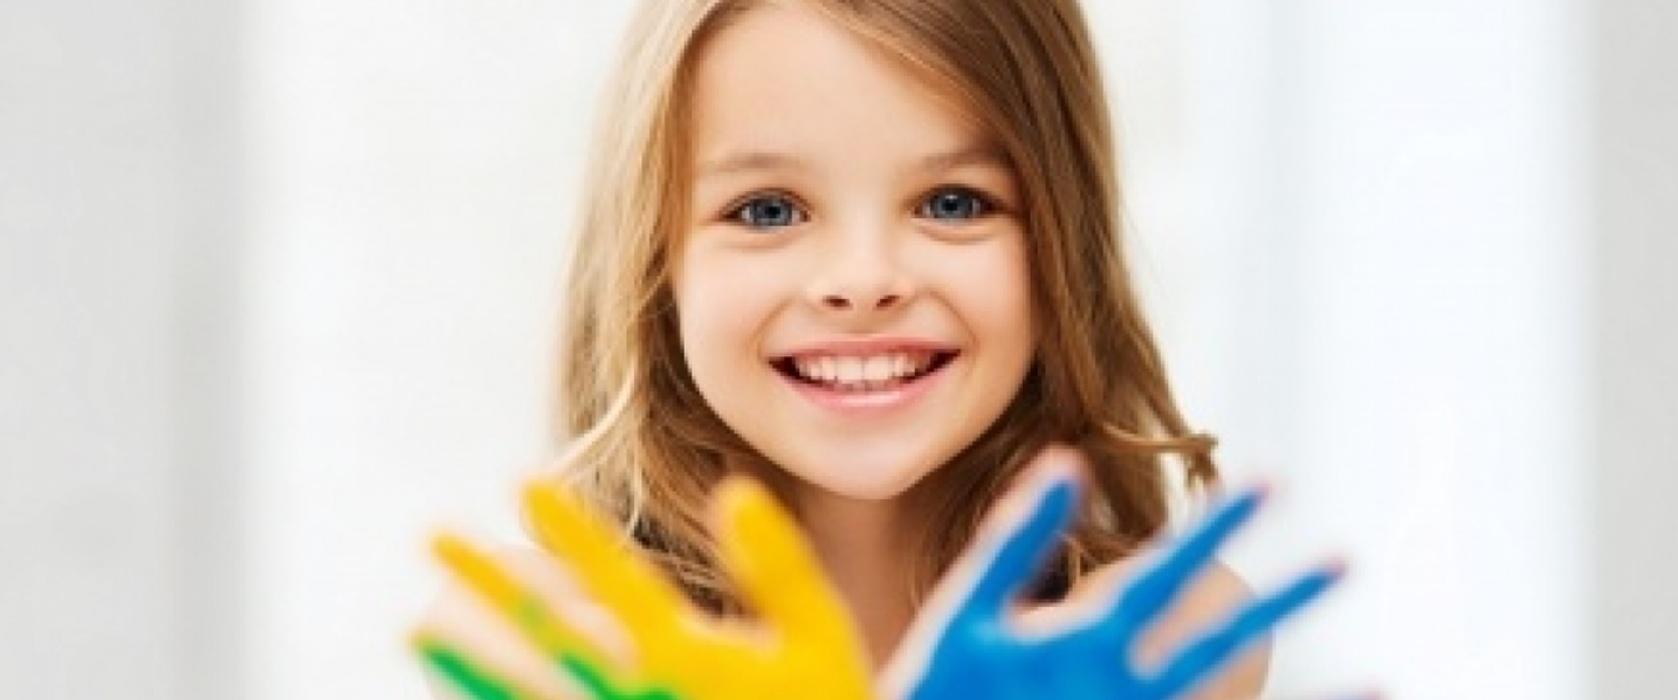 MinicursoTDAH: Intervención psicológica: métodos y técnicas